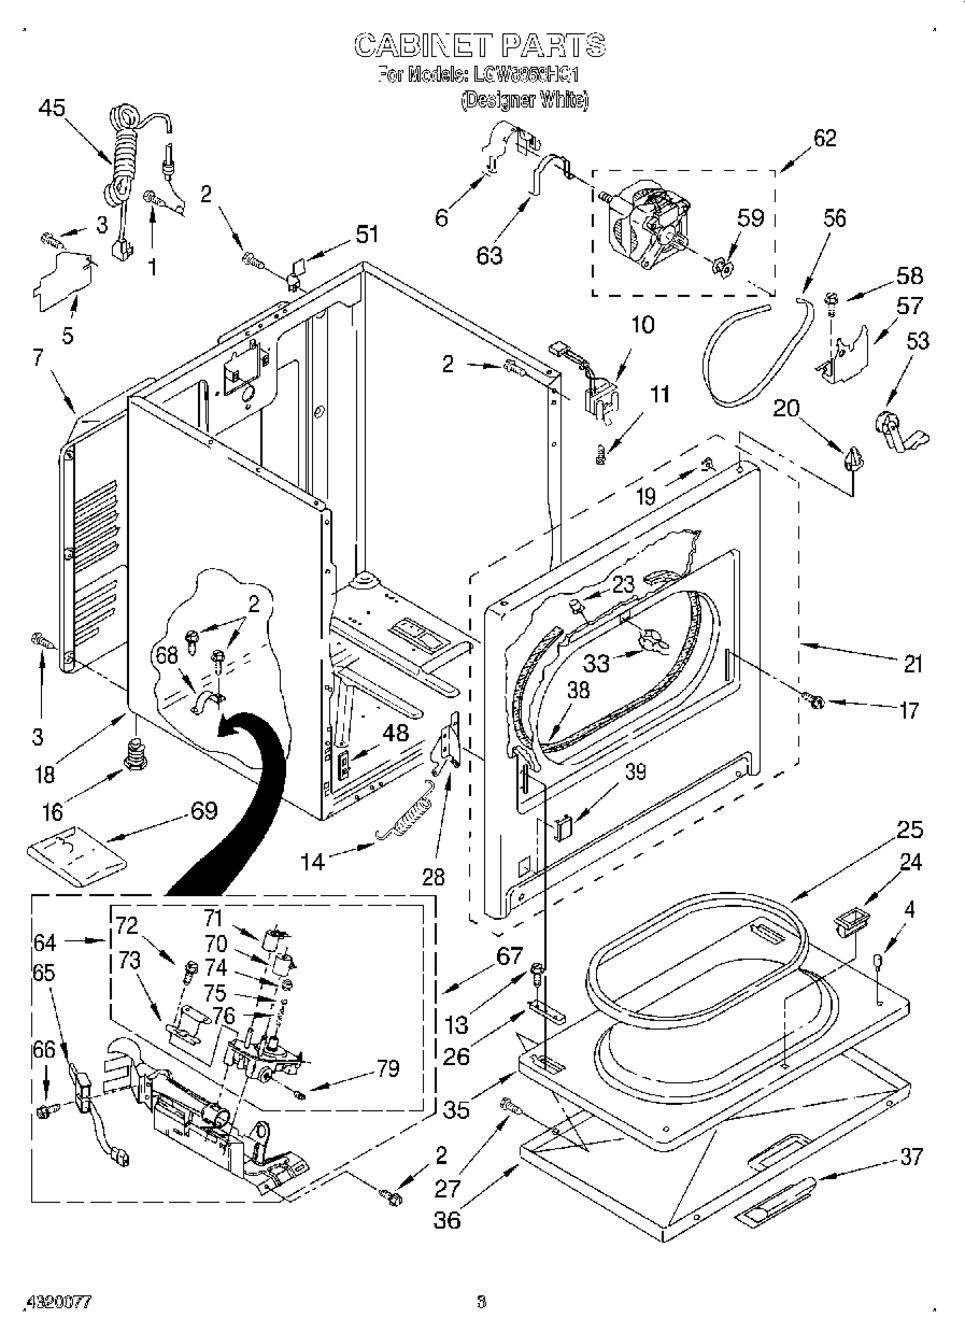 Diagram for LGW8858HQ1